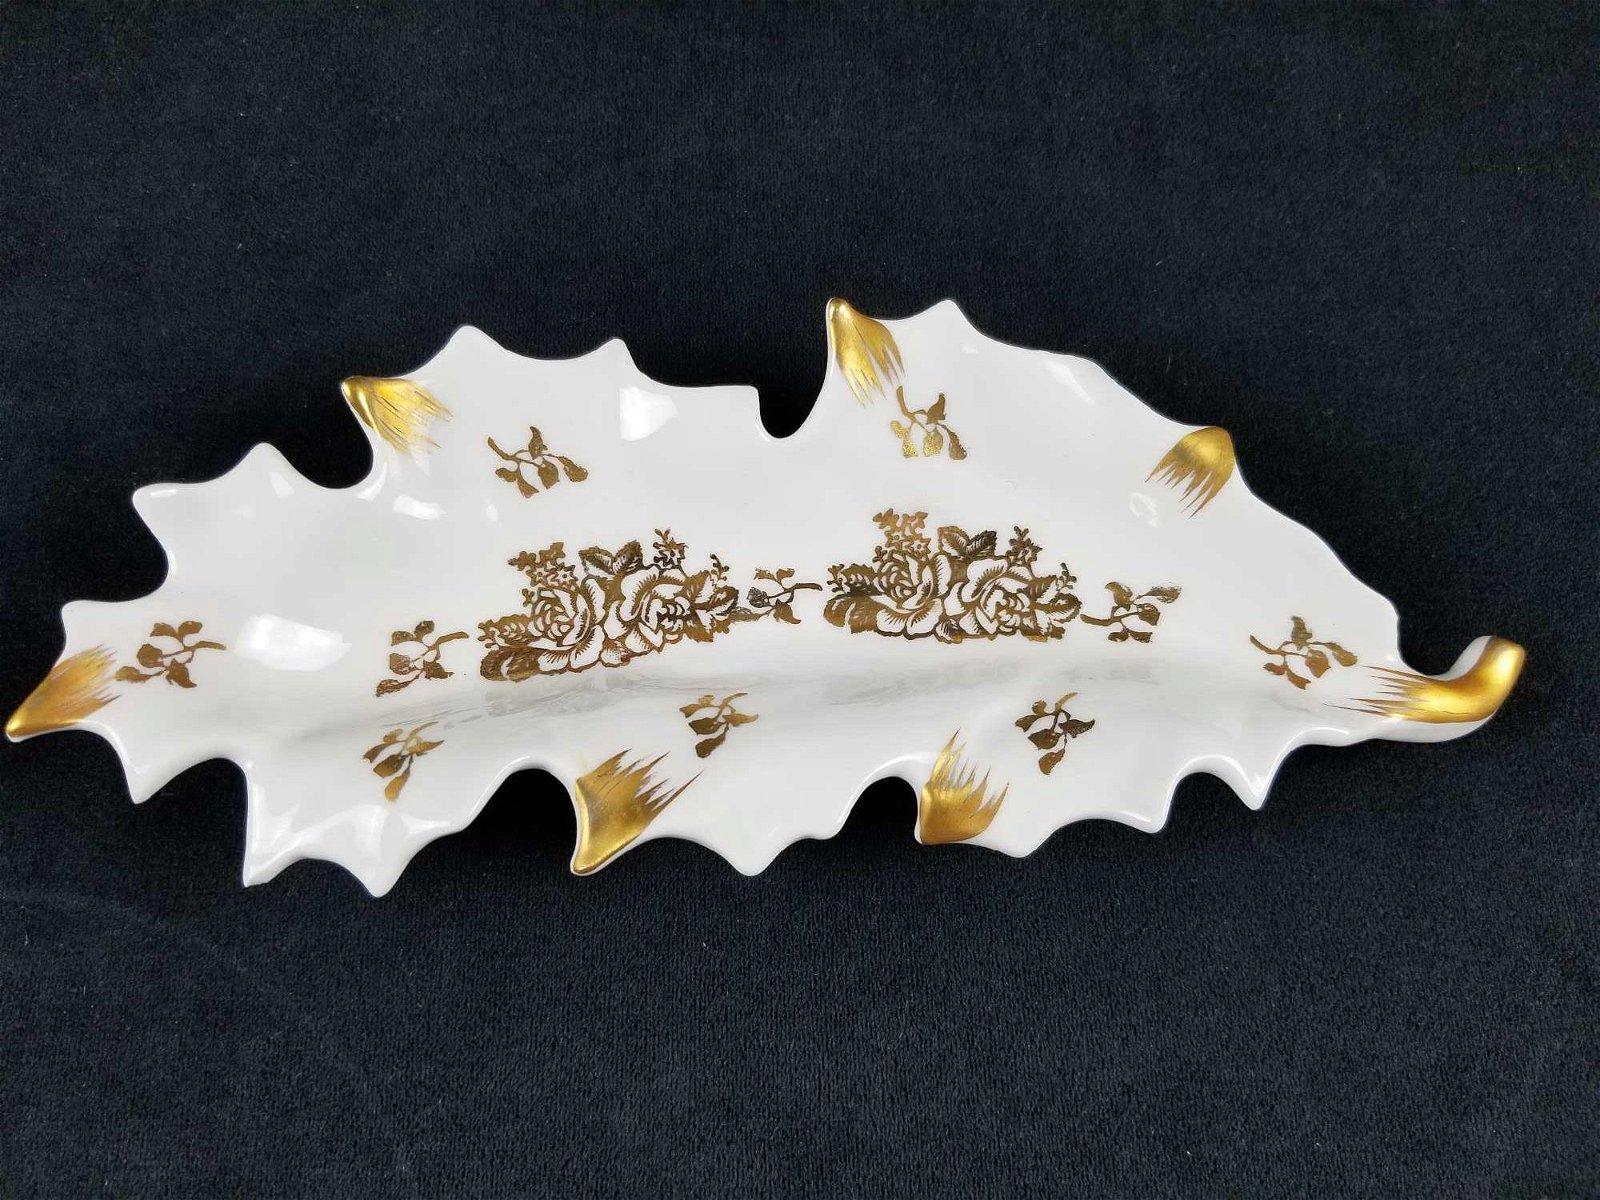 Vintage Gold and White Limoge Porcelain Leaf Shape Dish